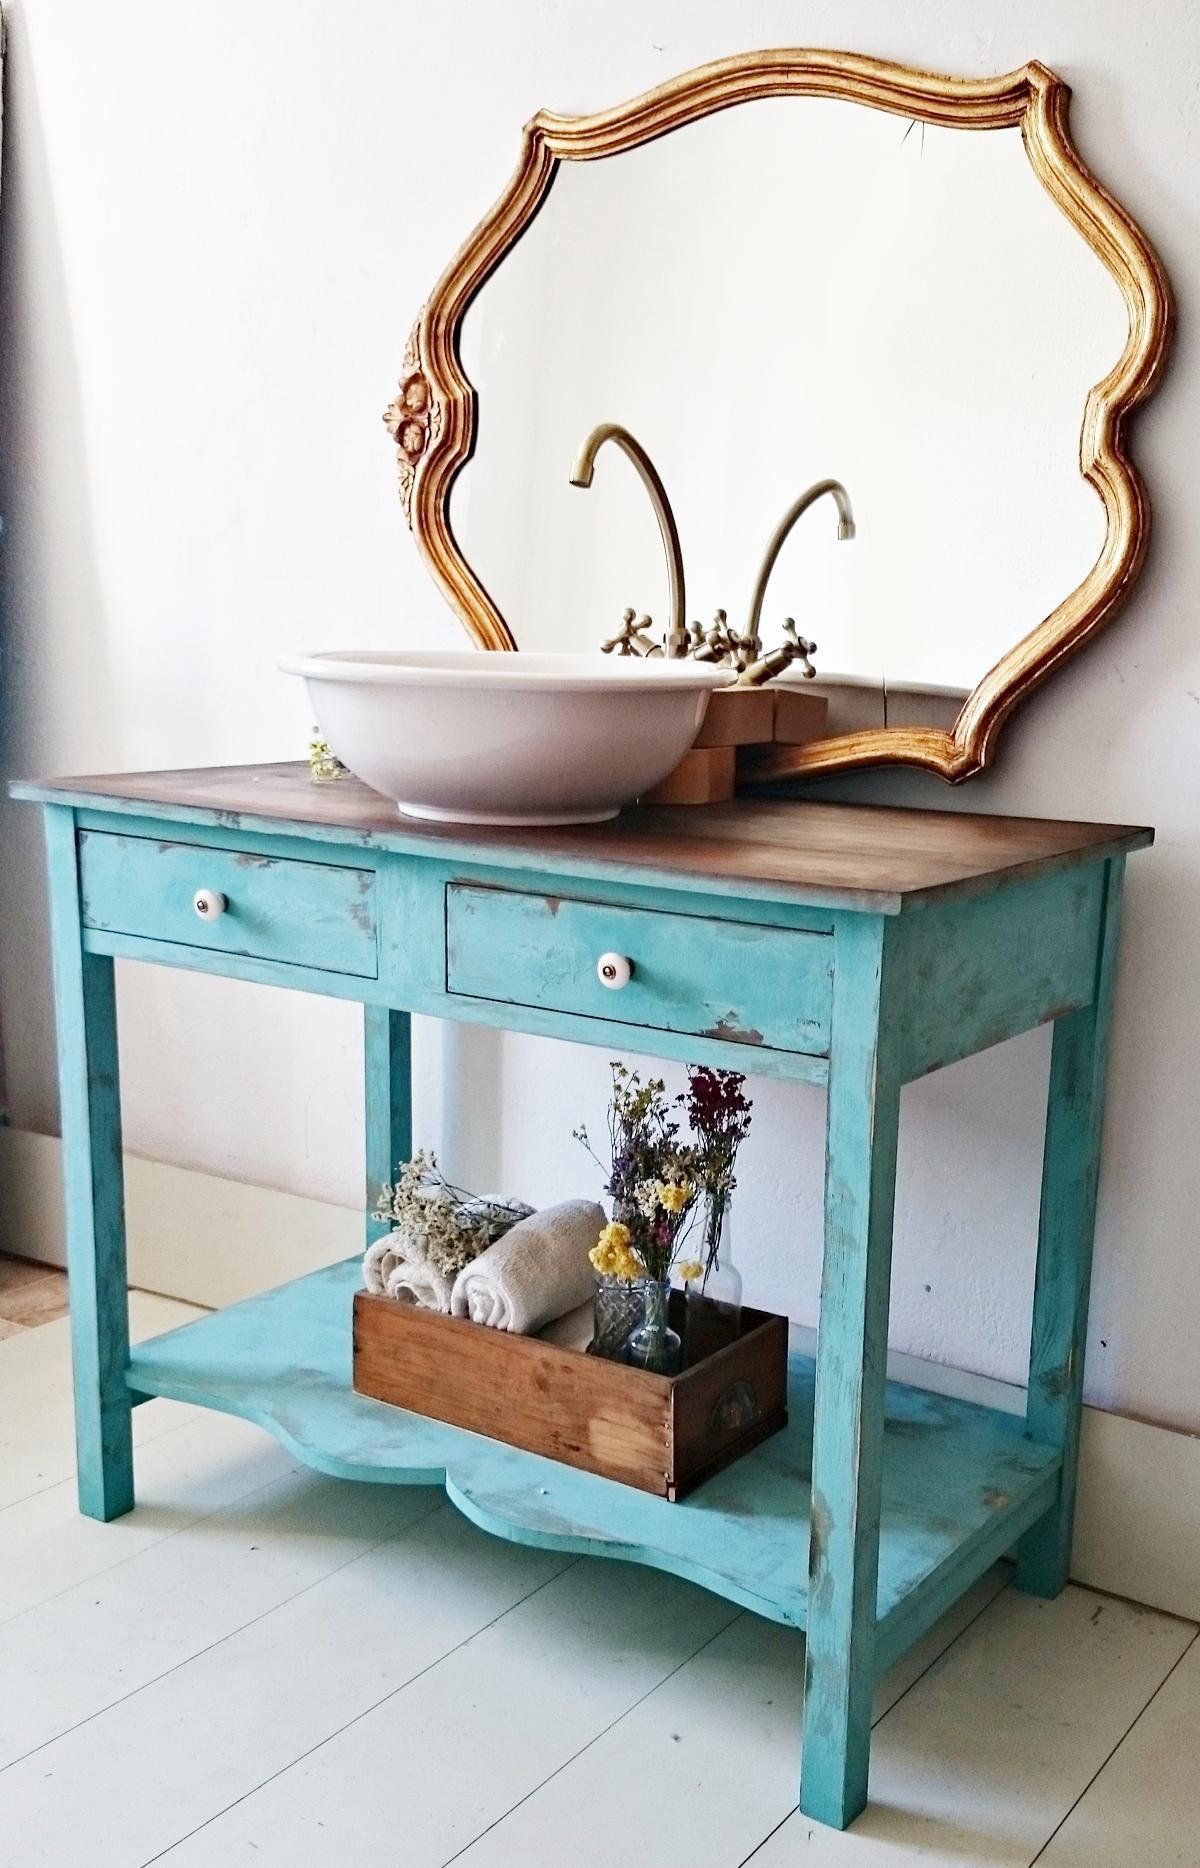 Mueble De Baño Turquesa : Mueble de ba?o grande en turquesa decapado tienda